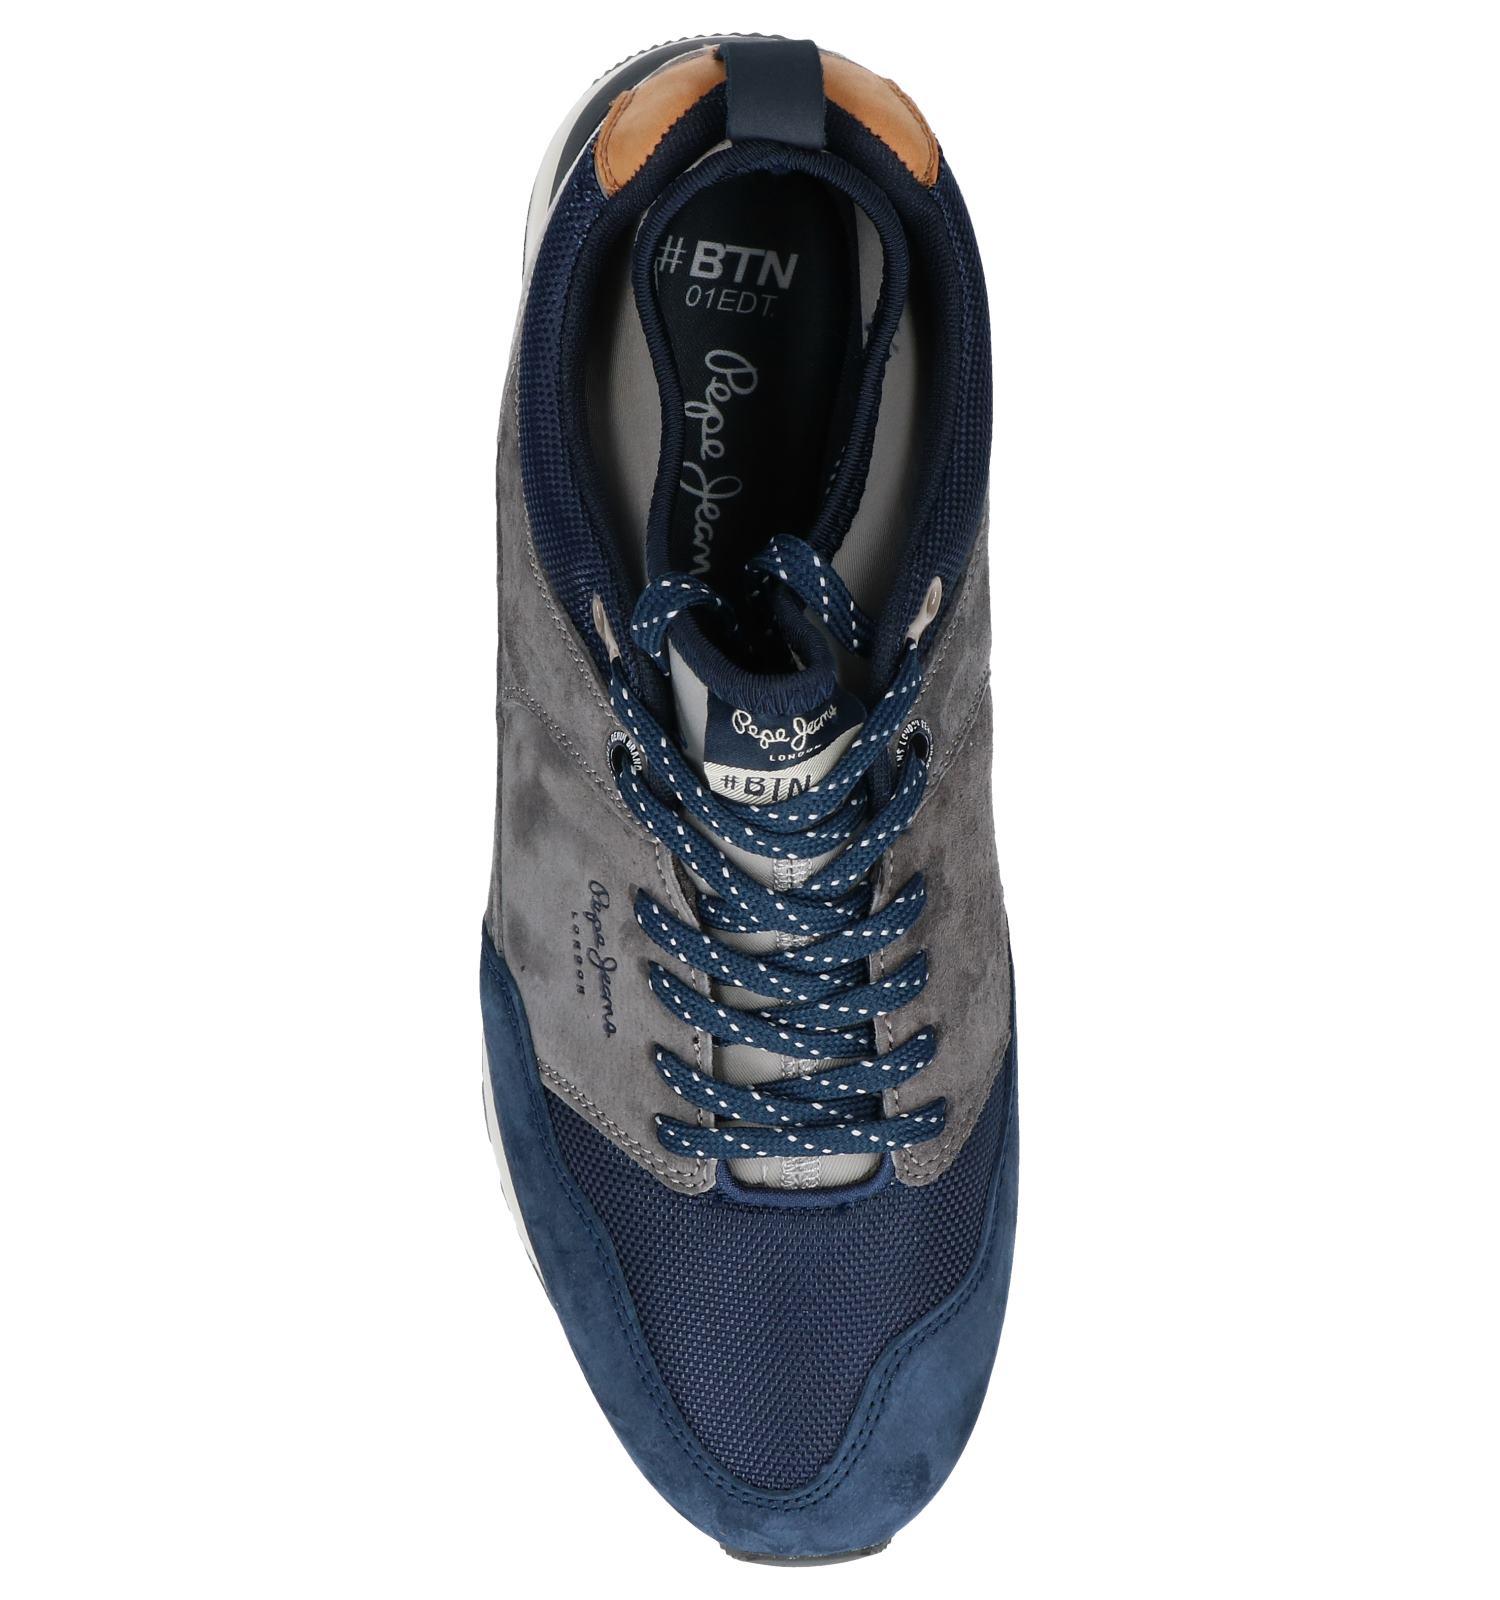 Jeans Slip Sneakers Pepe Donkergrijze on xrsdtQhC